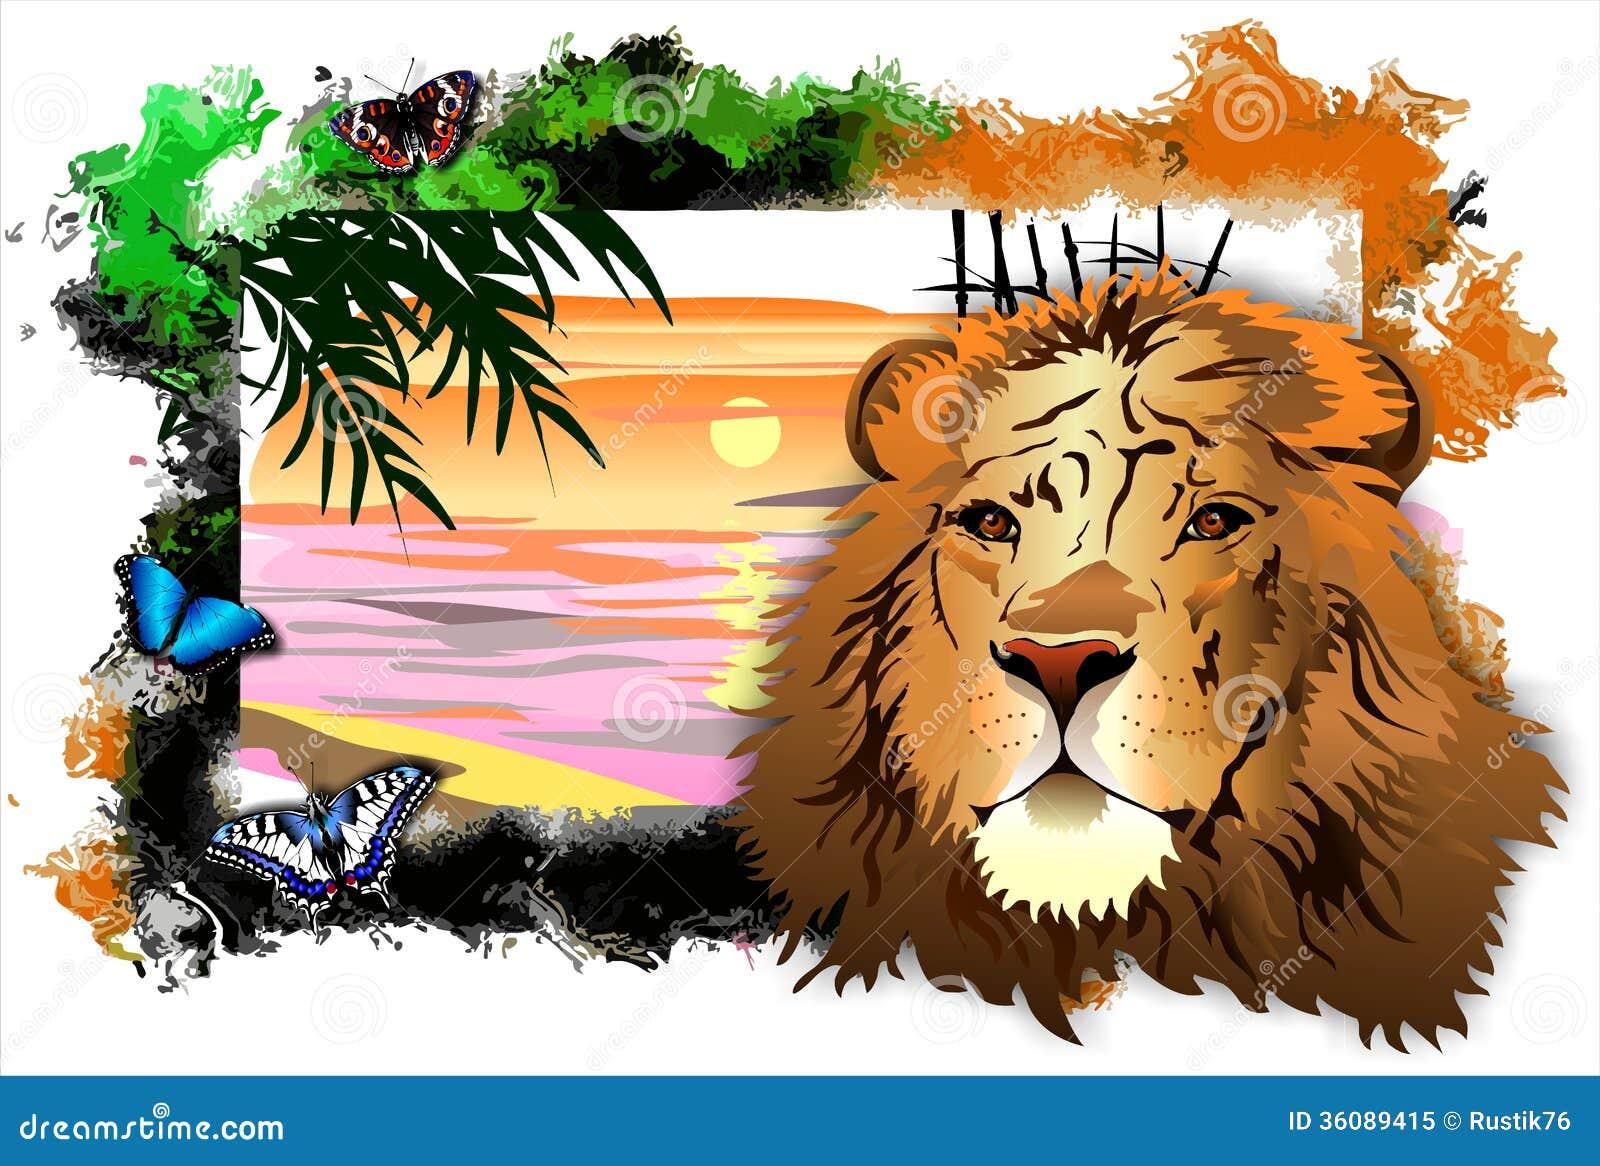 Leão com borboletas entre uma paisagem no quadro abstrato. vetor